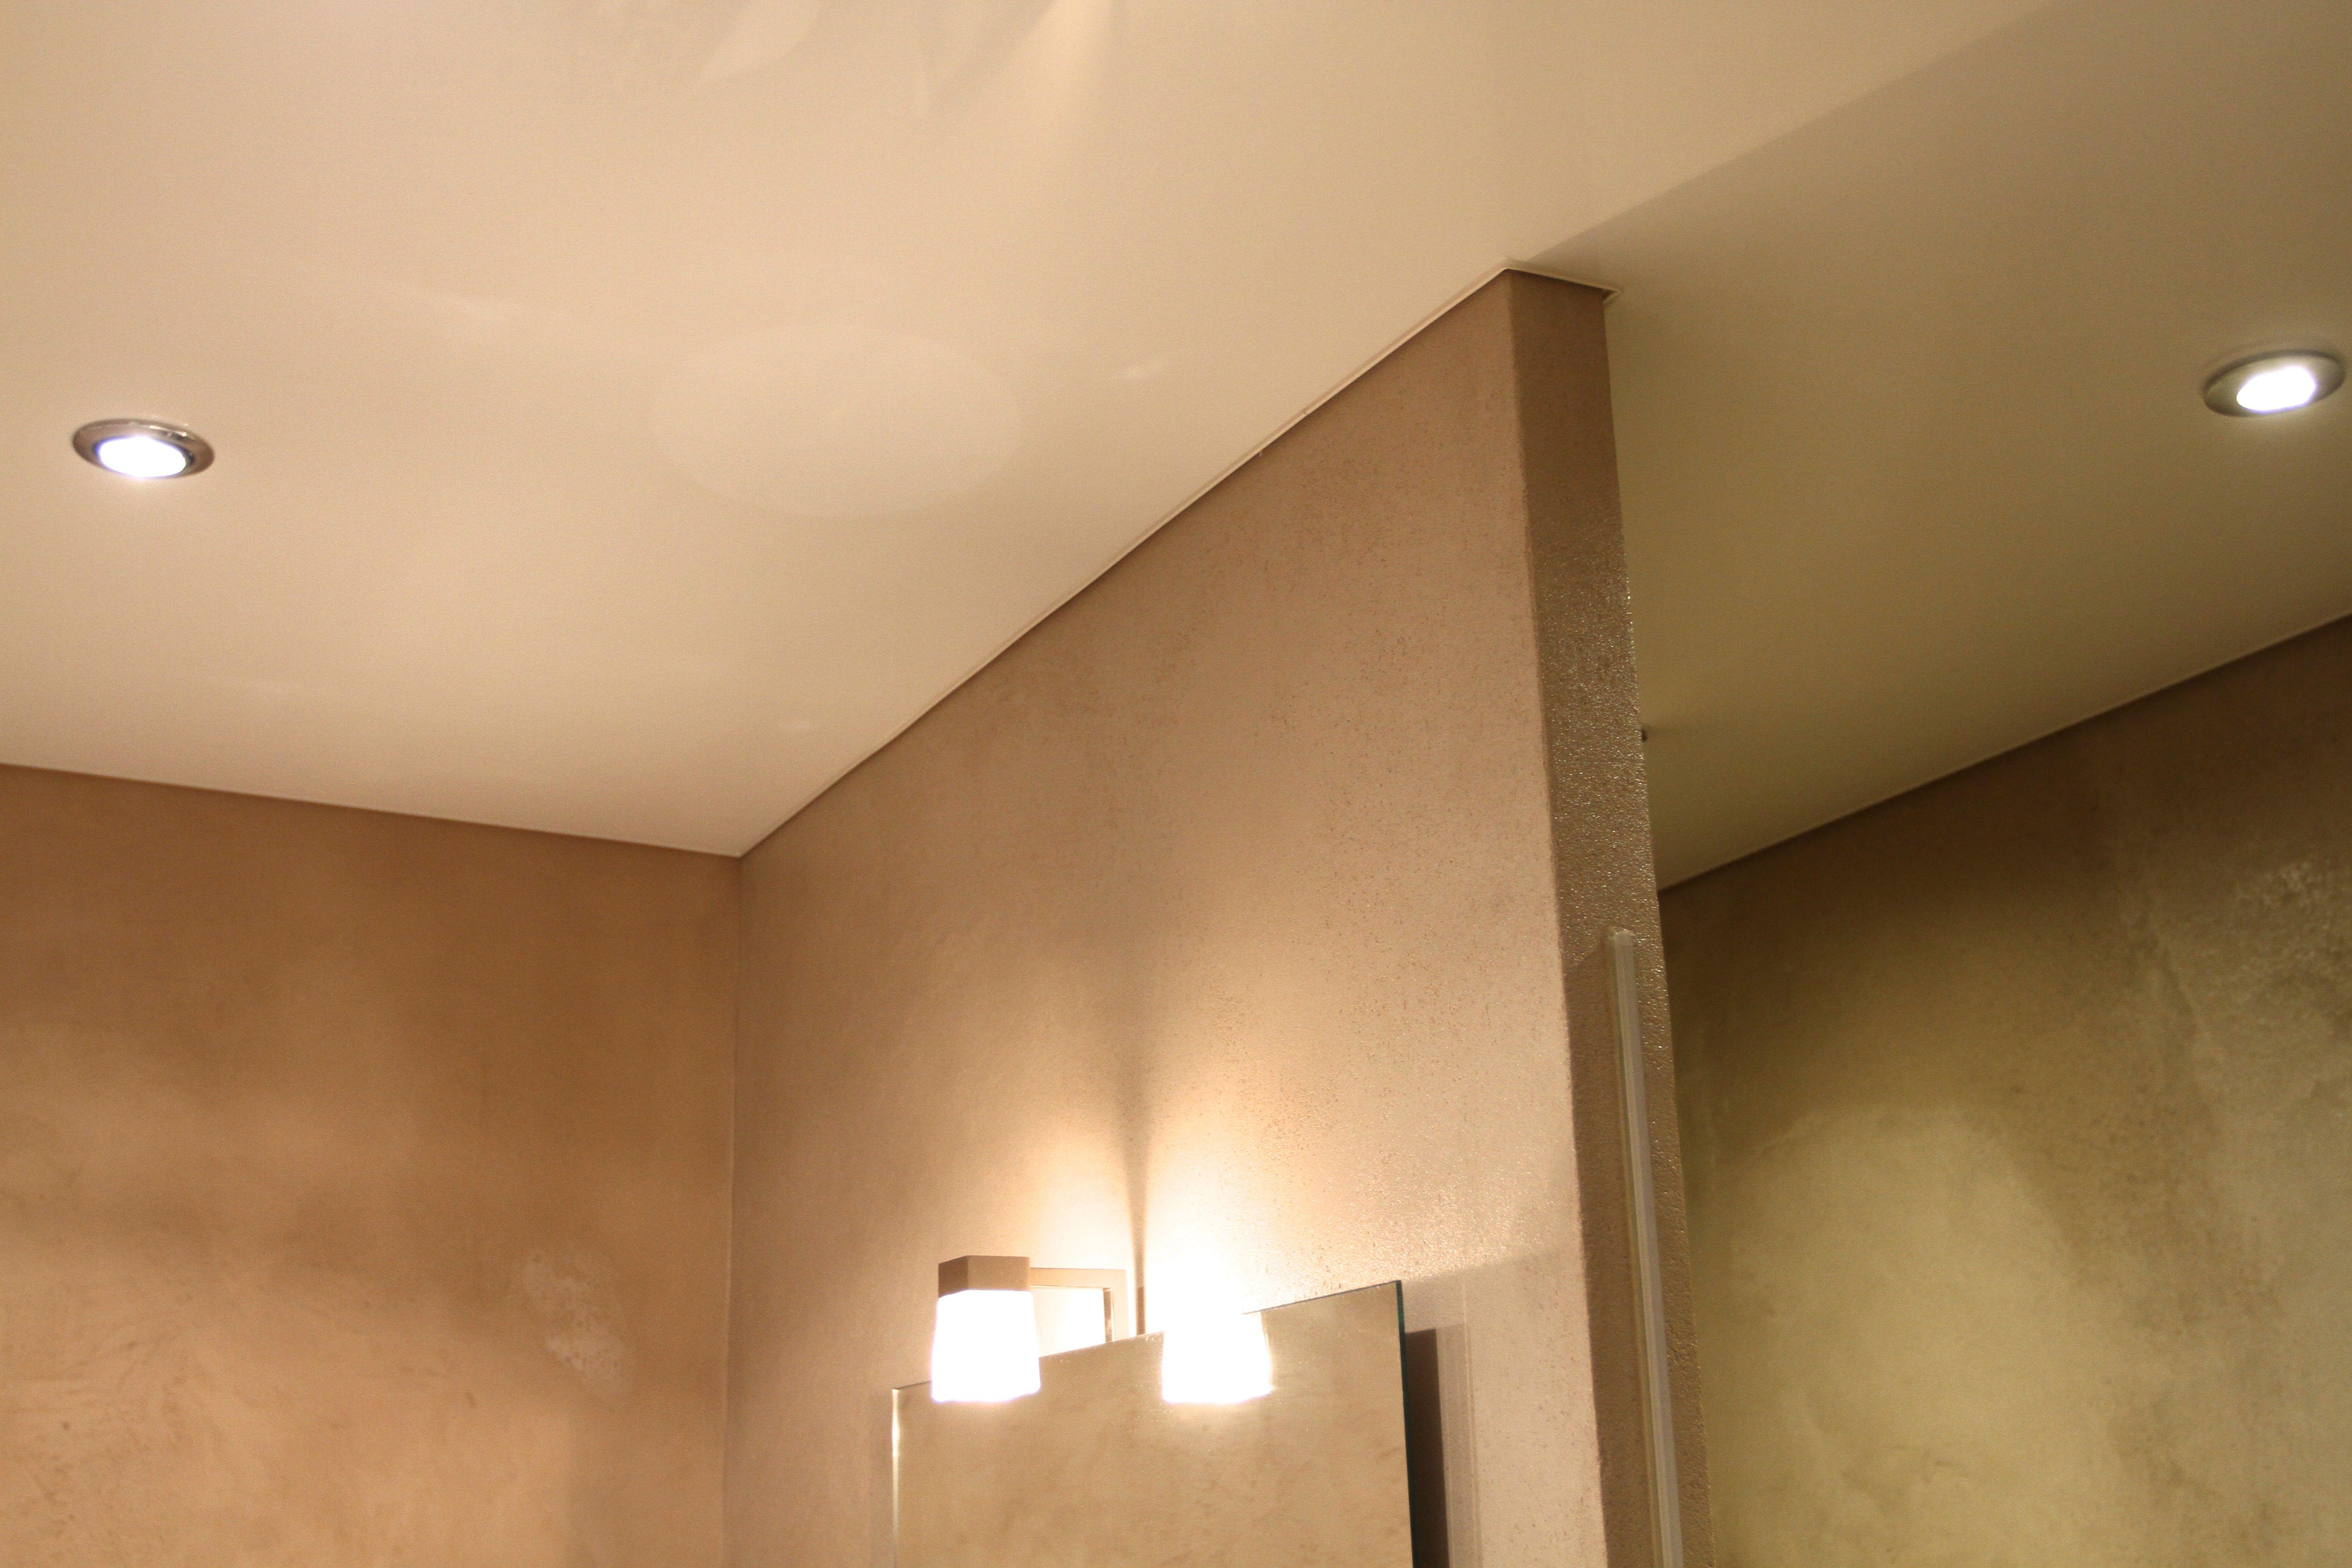 Evitez Les Moisissures Avec Les Plafonds Tendus Extenzo Dans Votre Salle De Bain Salle De Bain Plafond Tendu Le Plafond